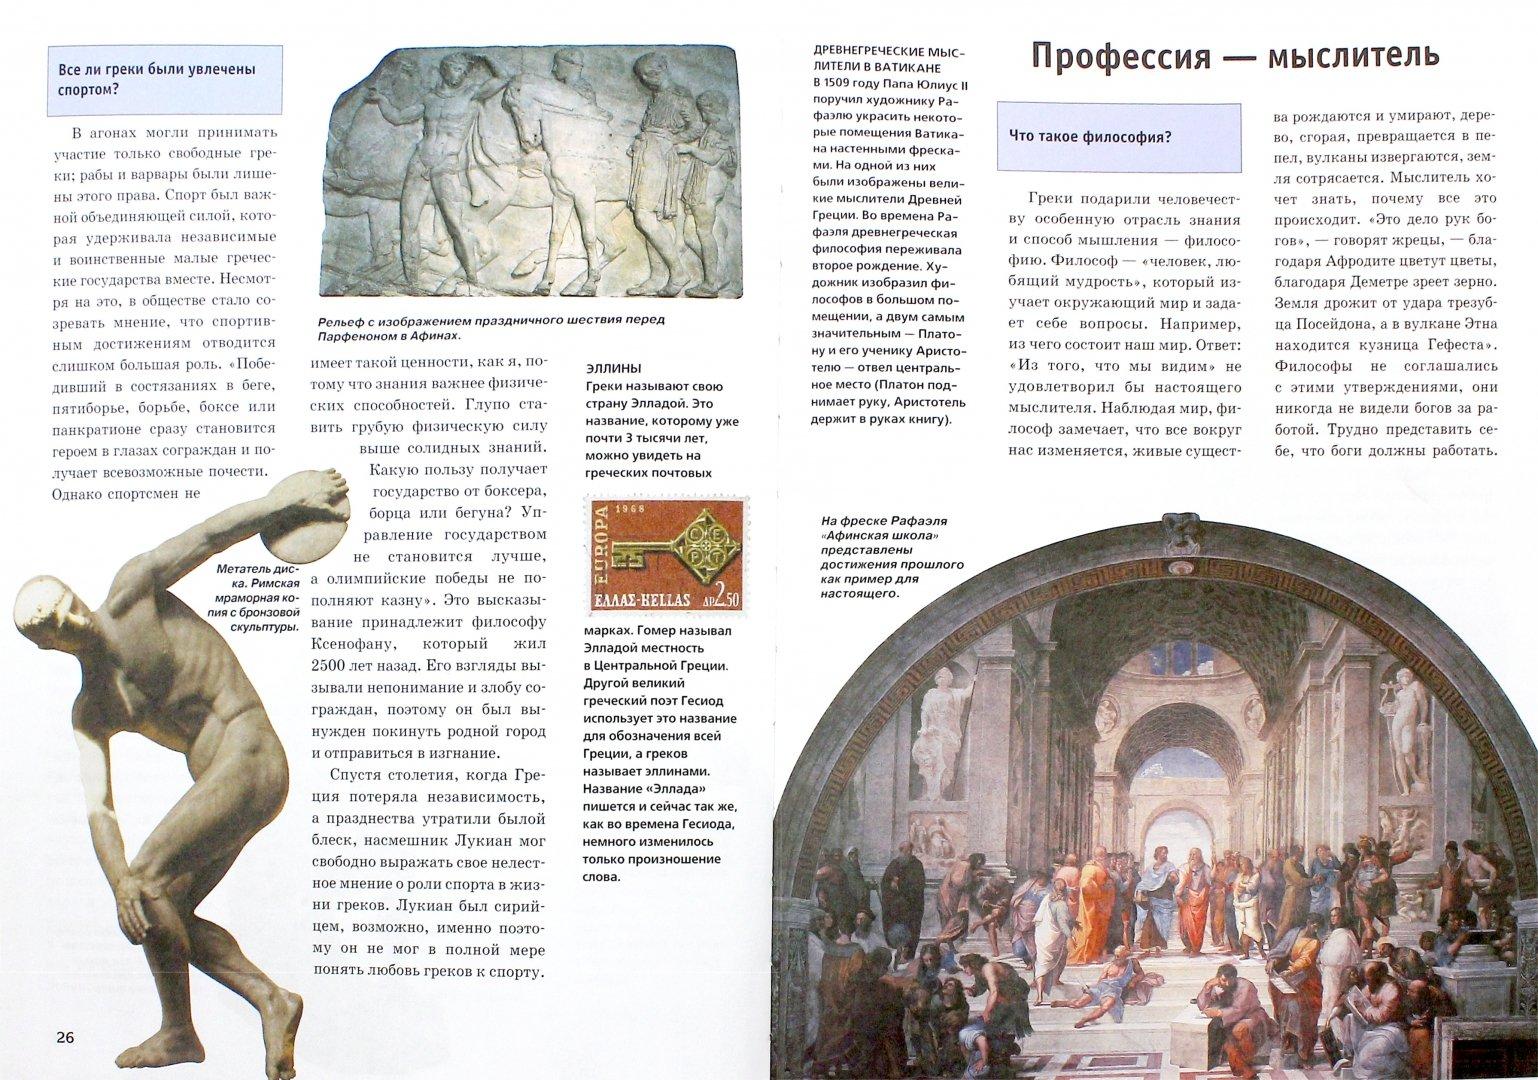 Иллюстрация 1 из 21 для Древняя Греция - Герхард Финк | Лабиринт - книги. Источник: Лабиринт